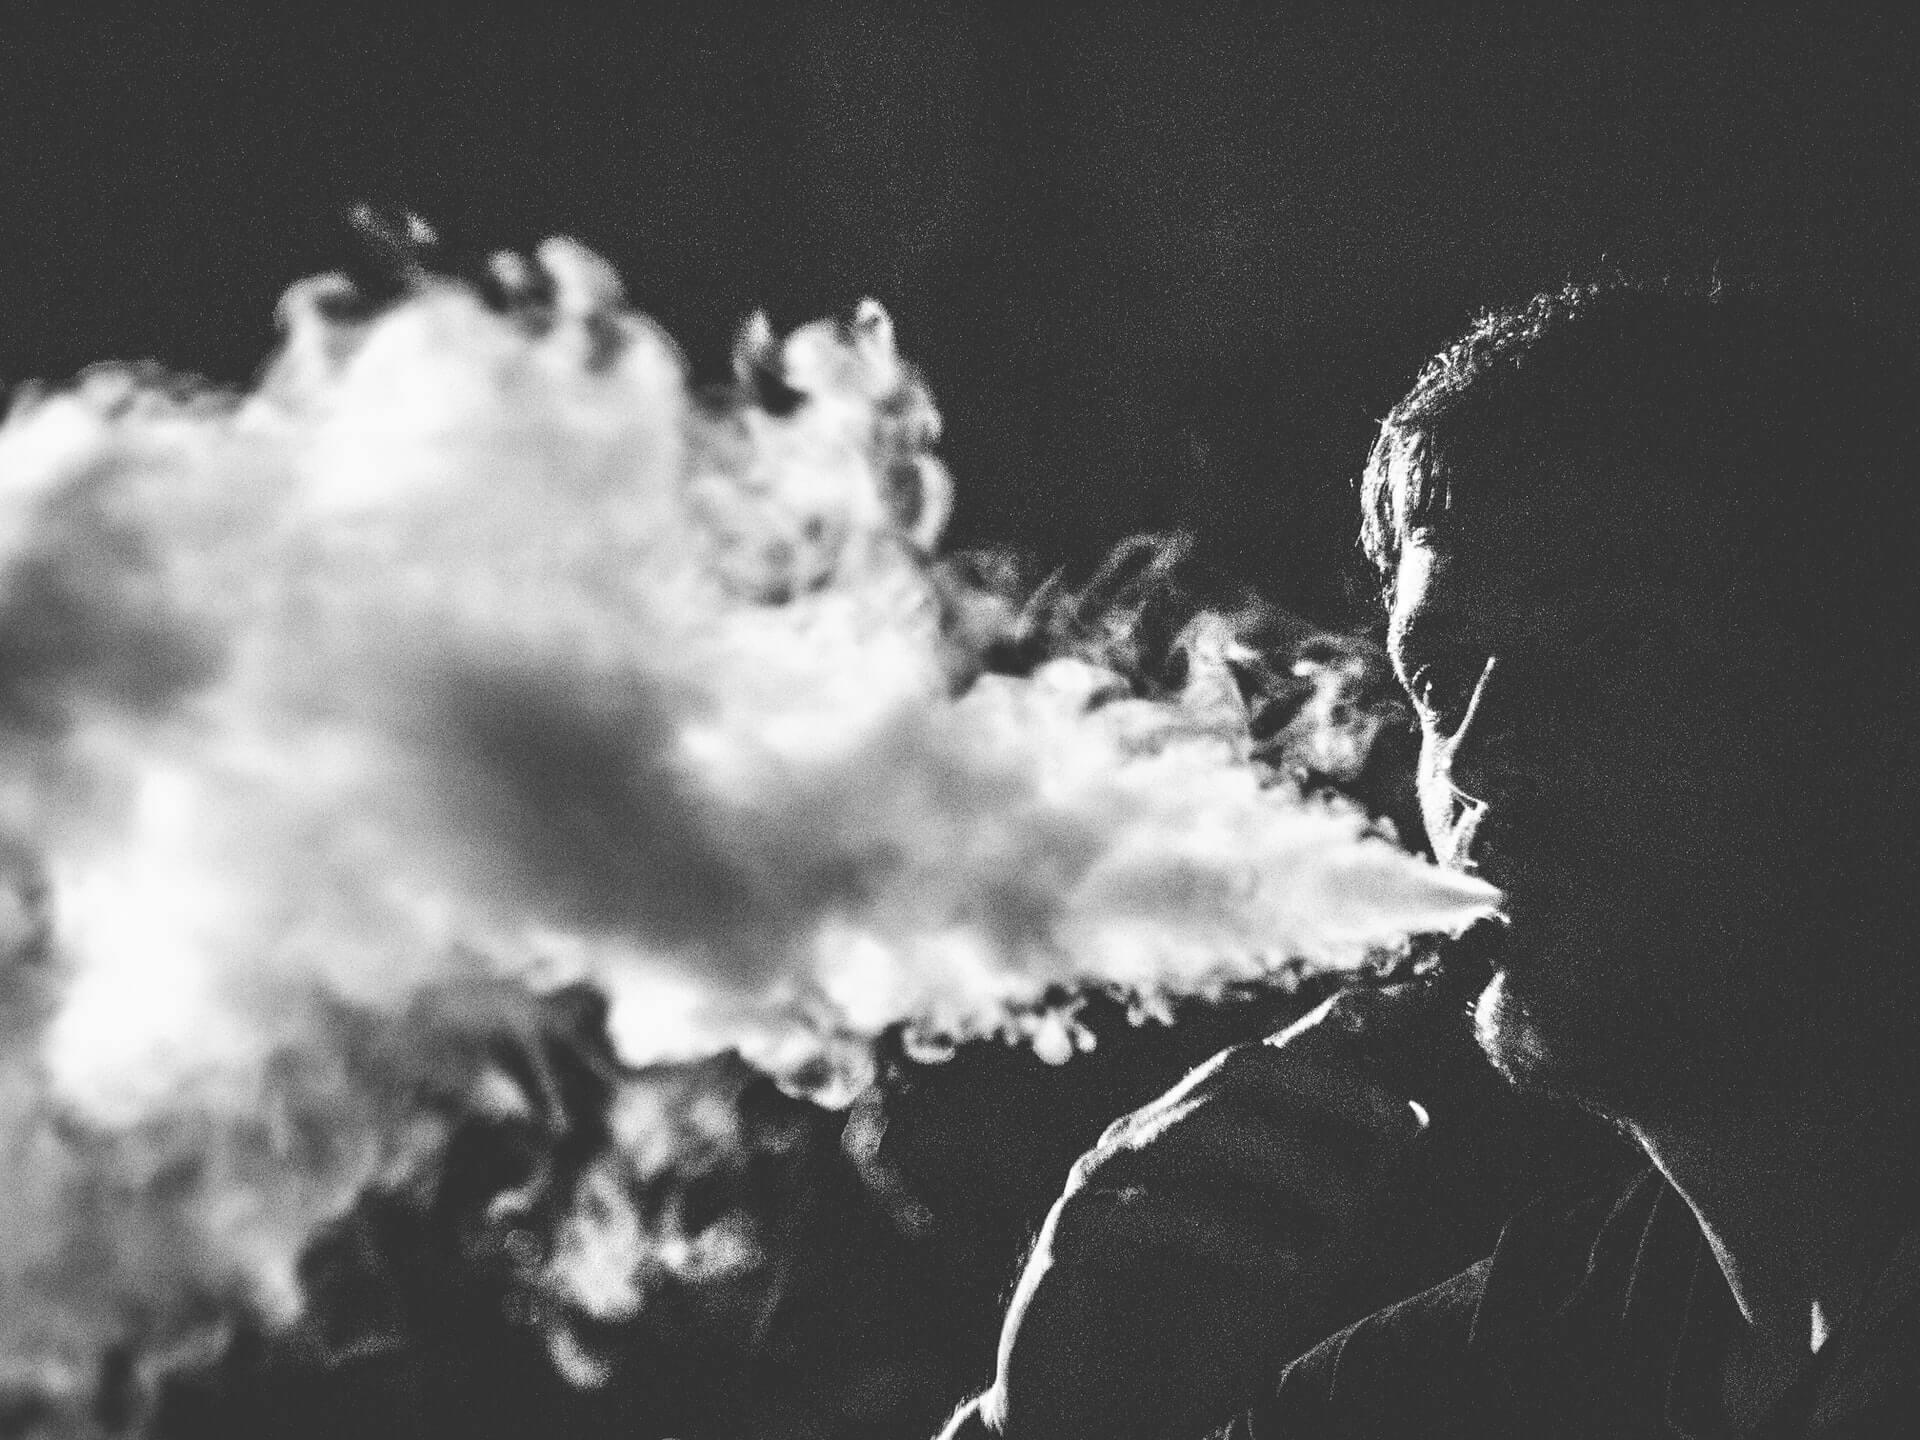 【電子タバコ】ジョイテックeGo AIO(イーゴエーアイオー)の使い方や口コミをまとめました